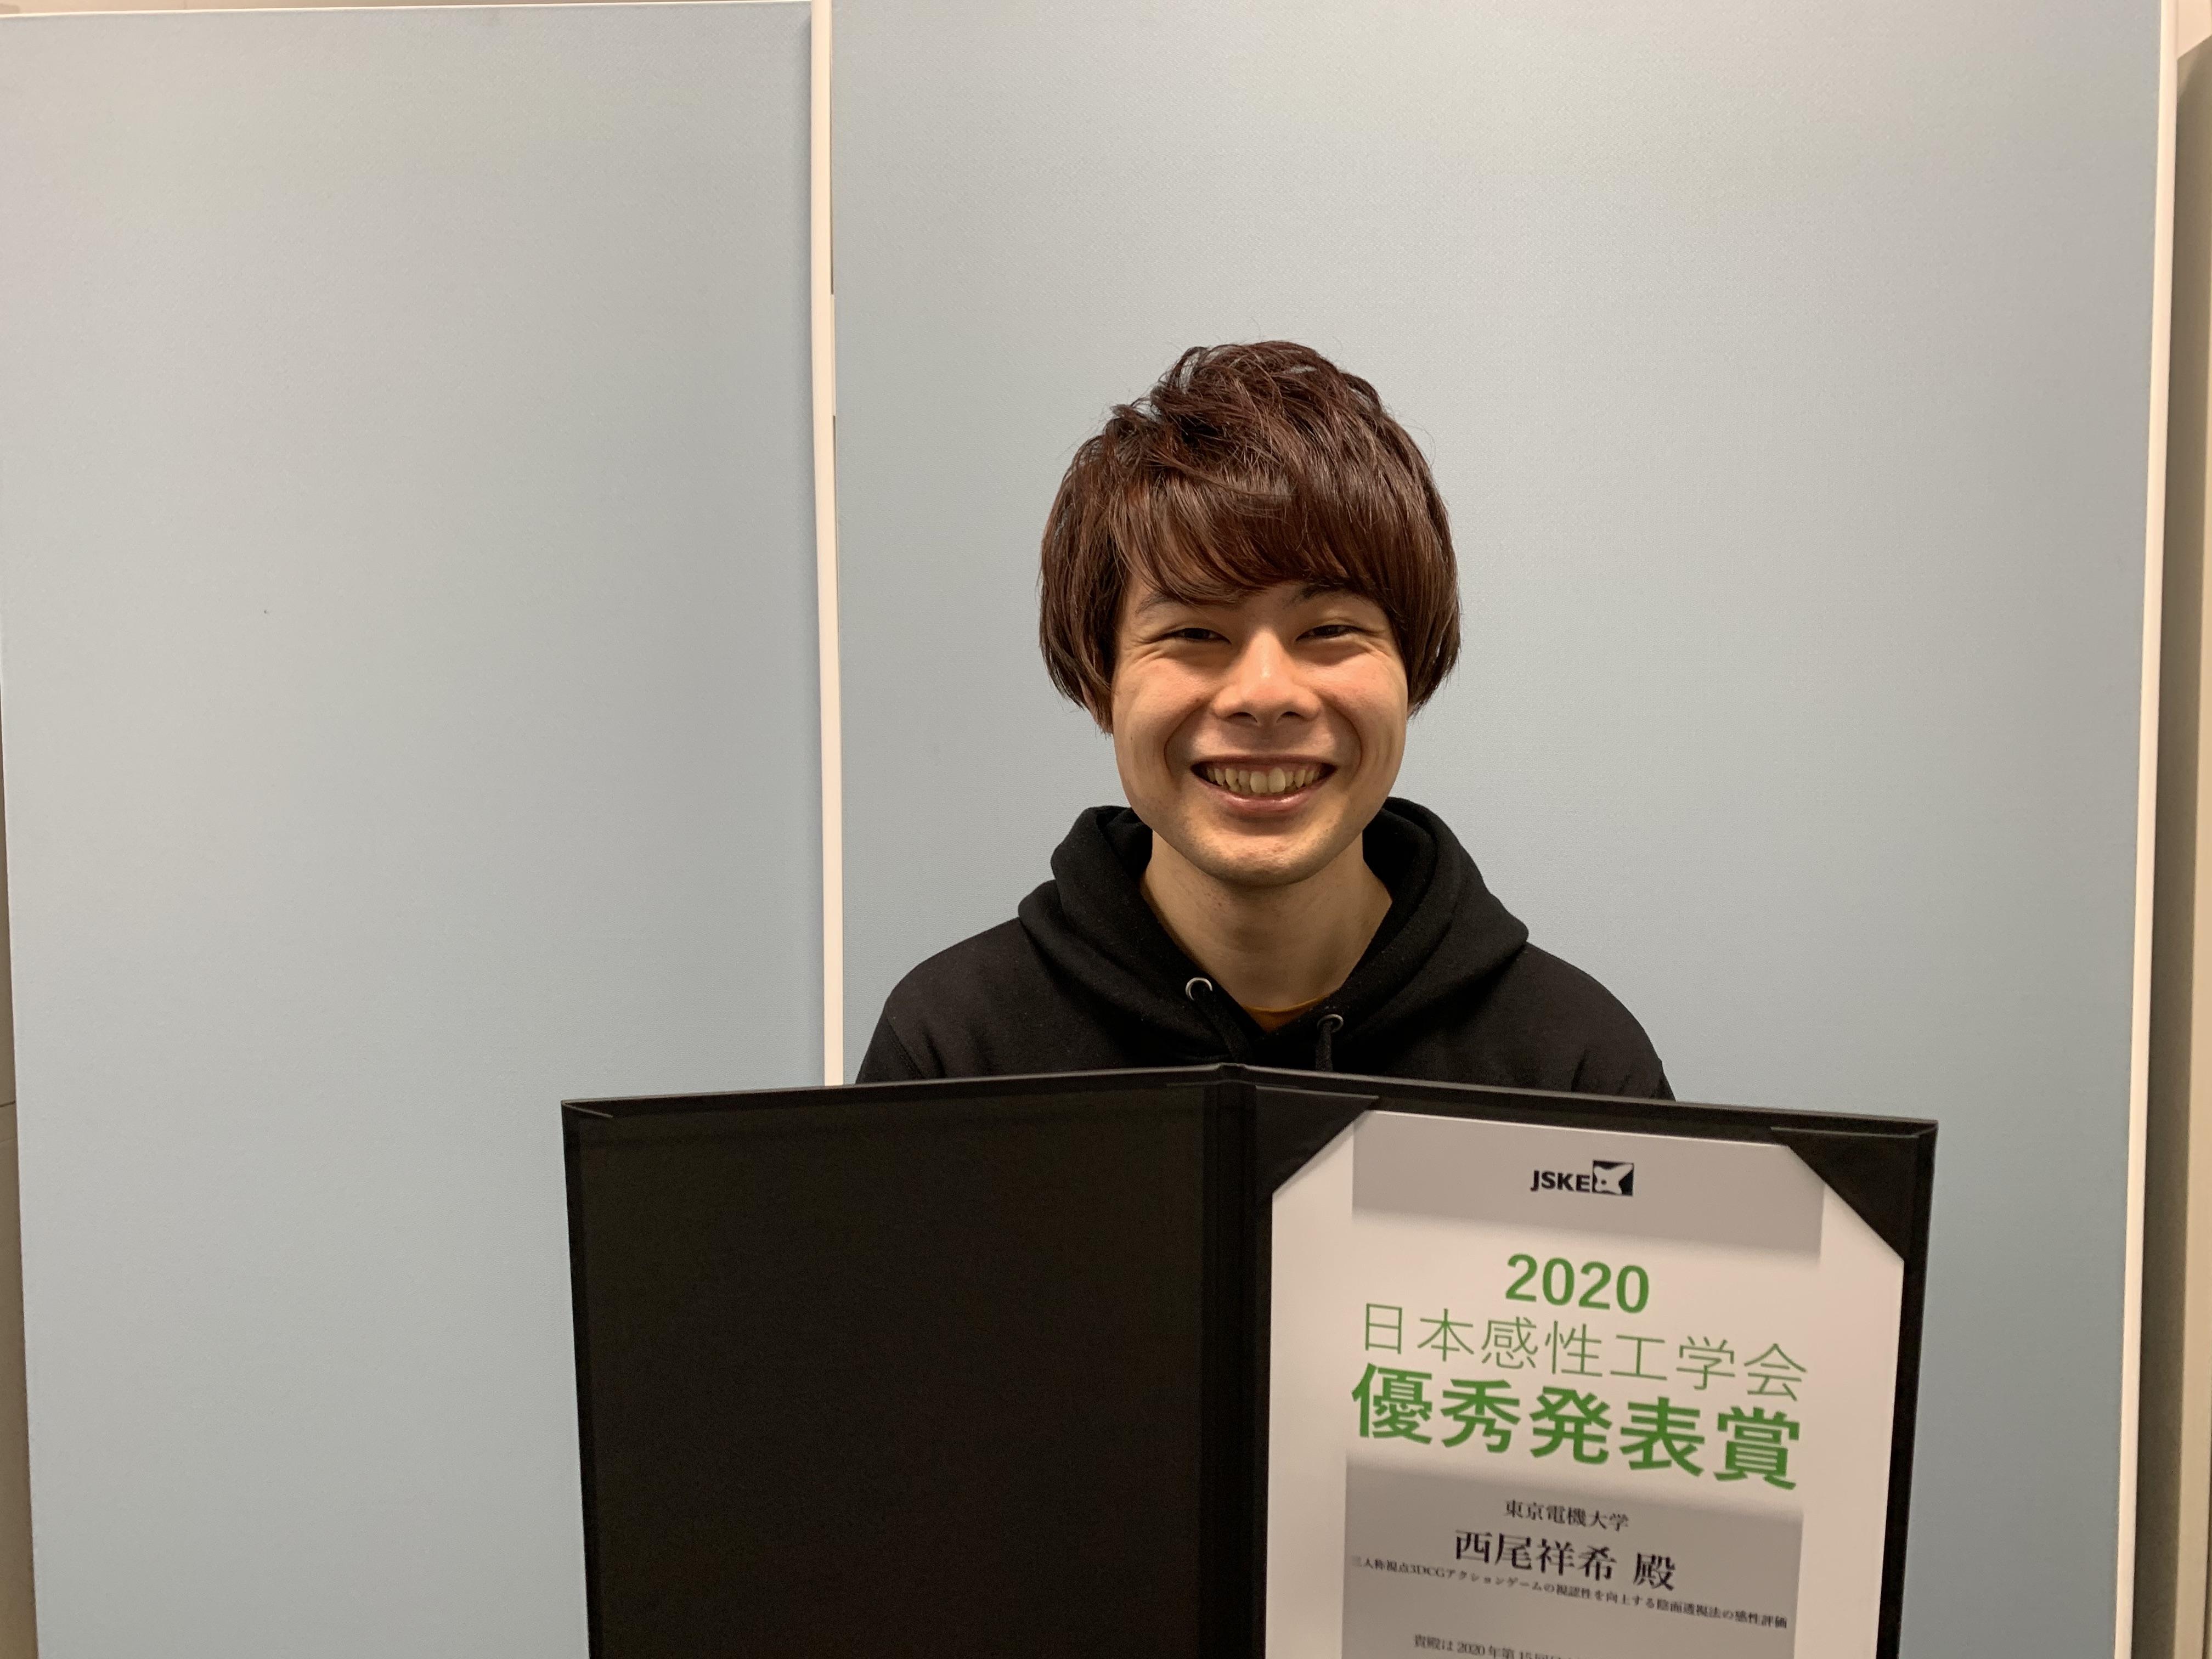 情報メディア学科 西尾さんが「優秀発表賞」を受賞